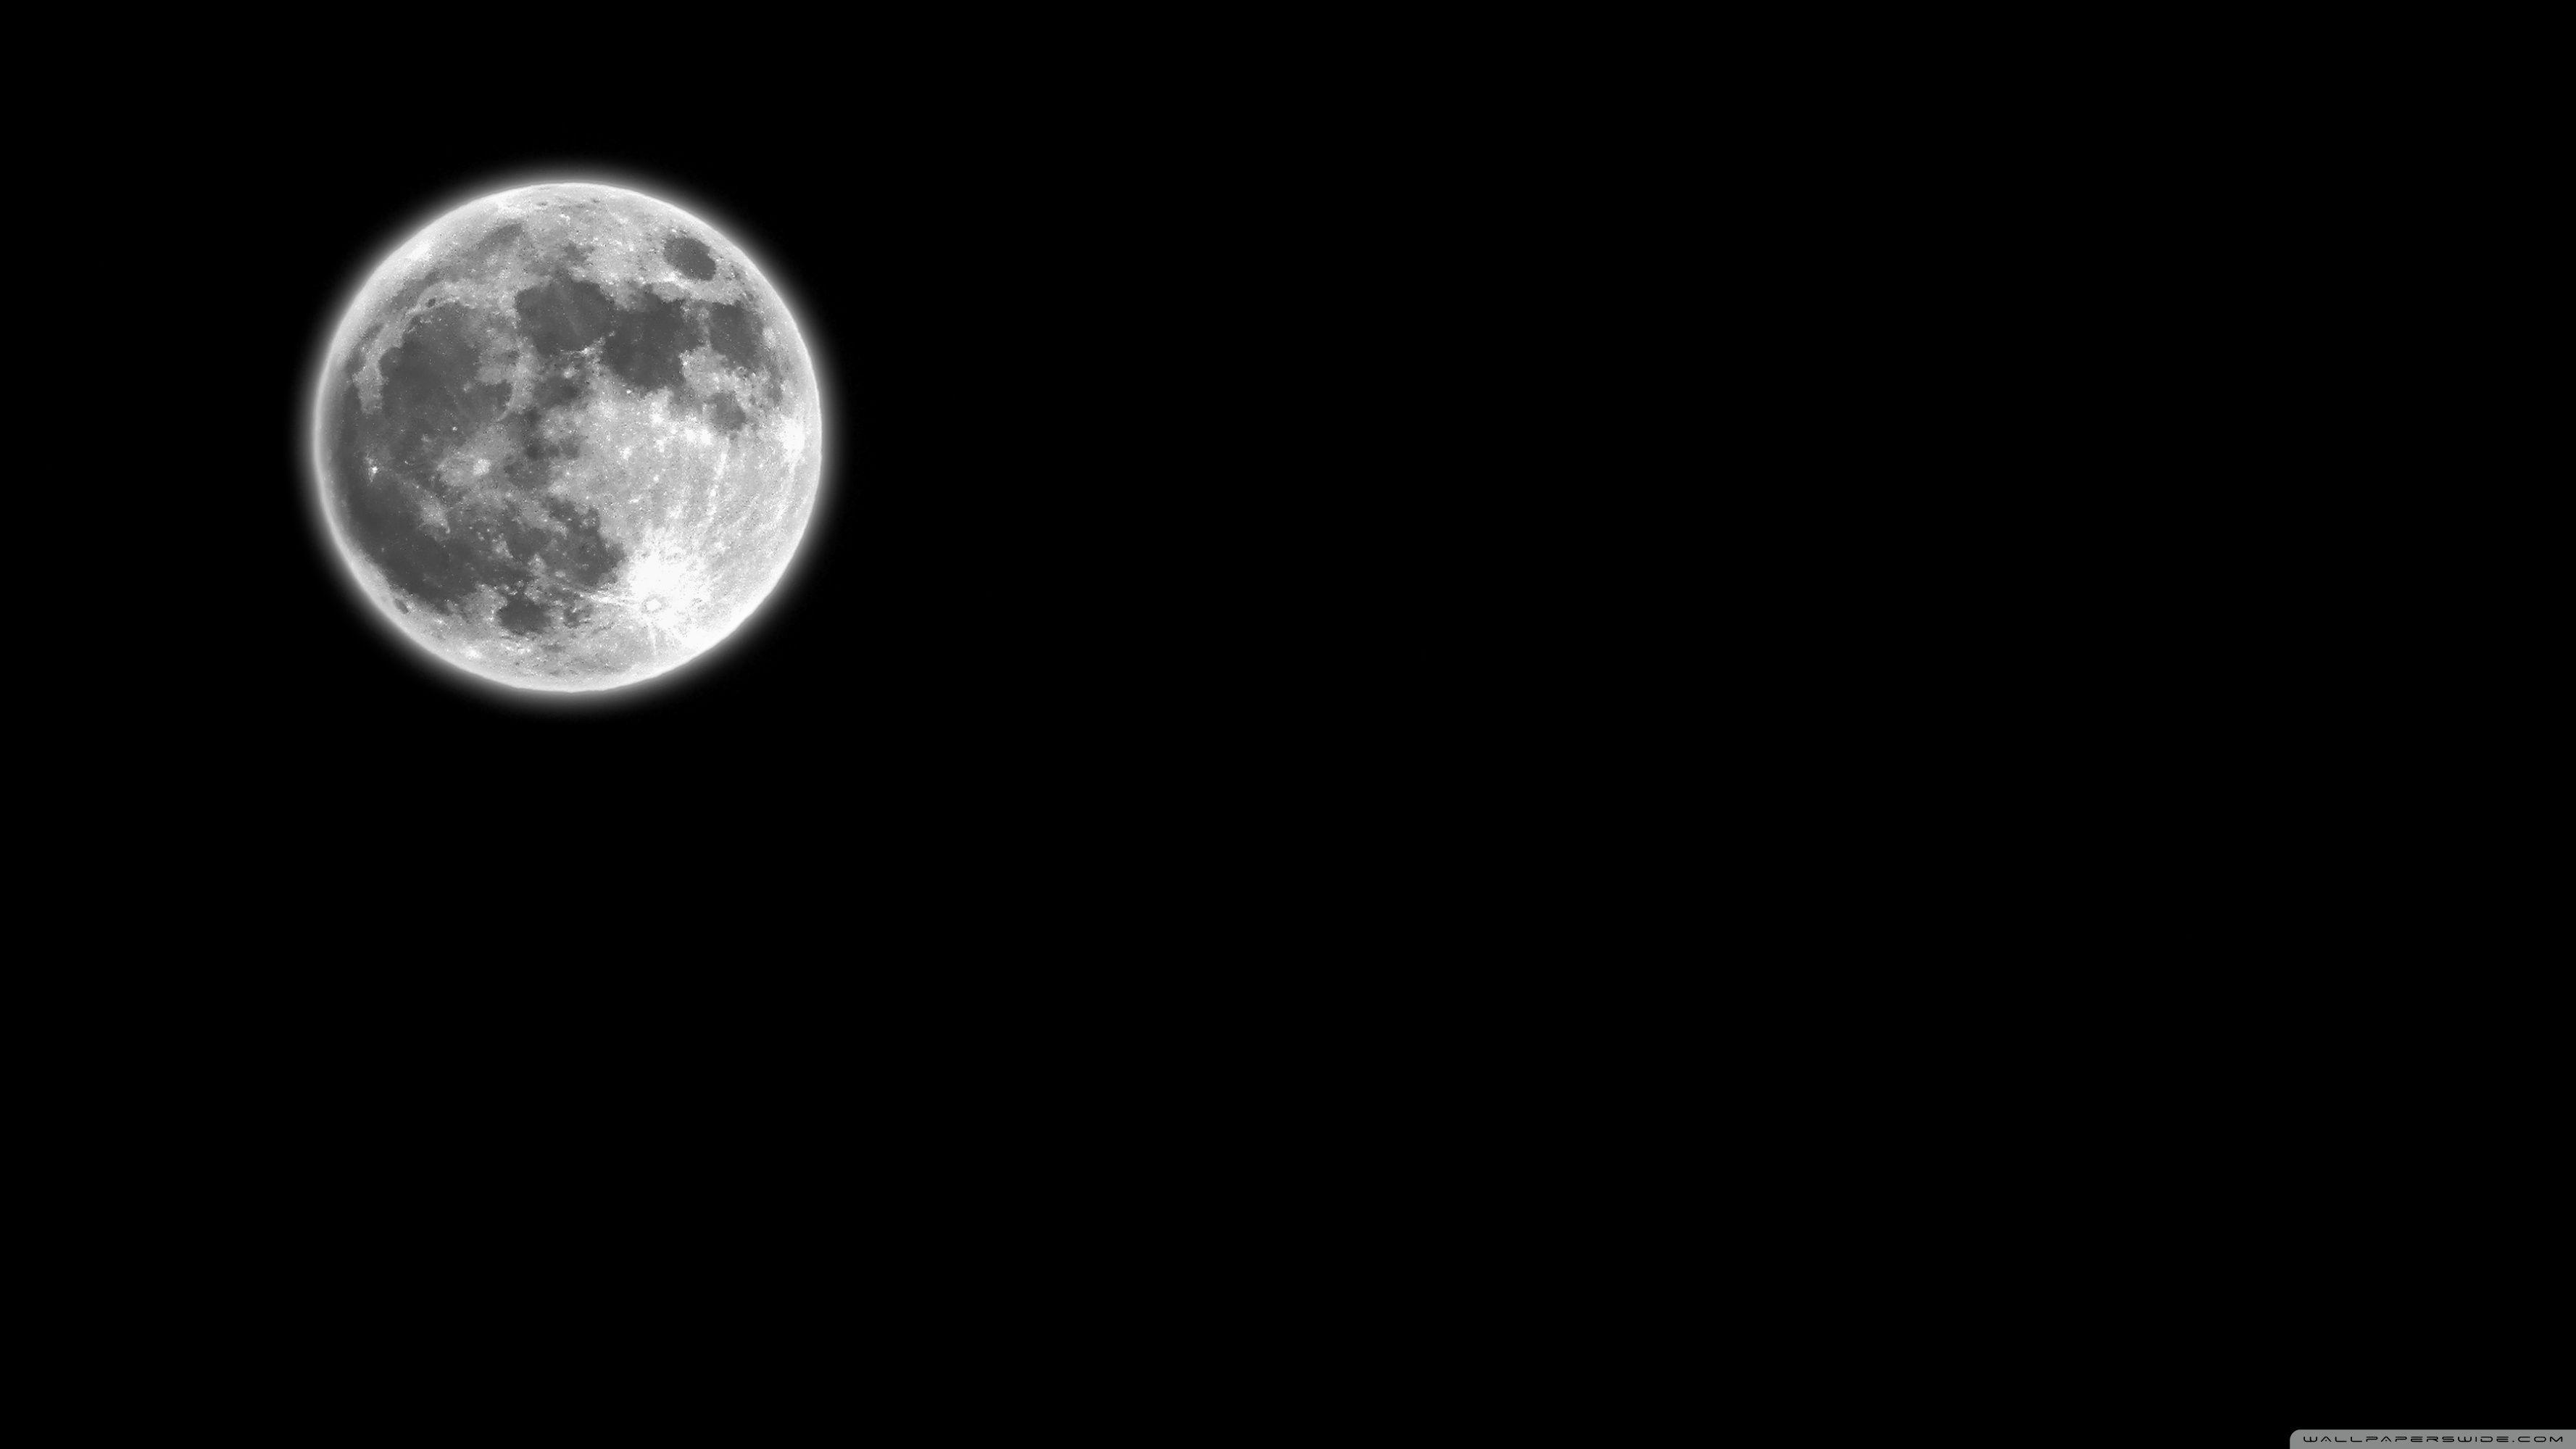 Black Moon Wallpapers HD - Wallpaper Cave